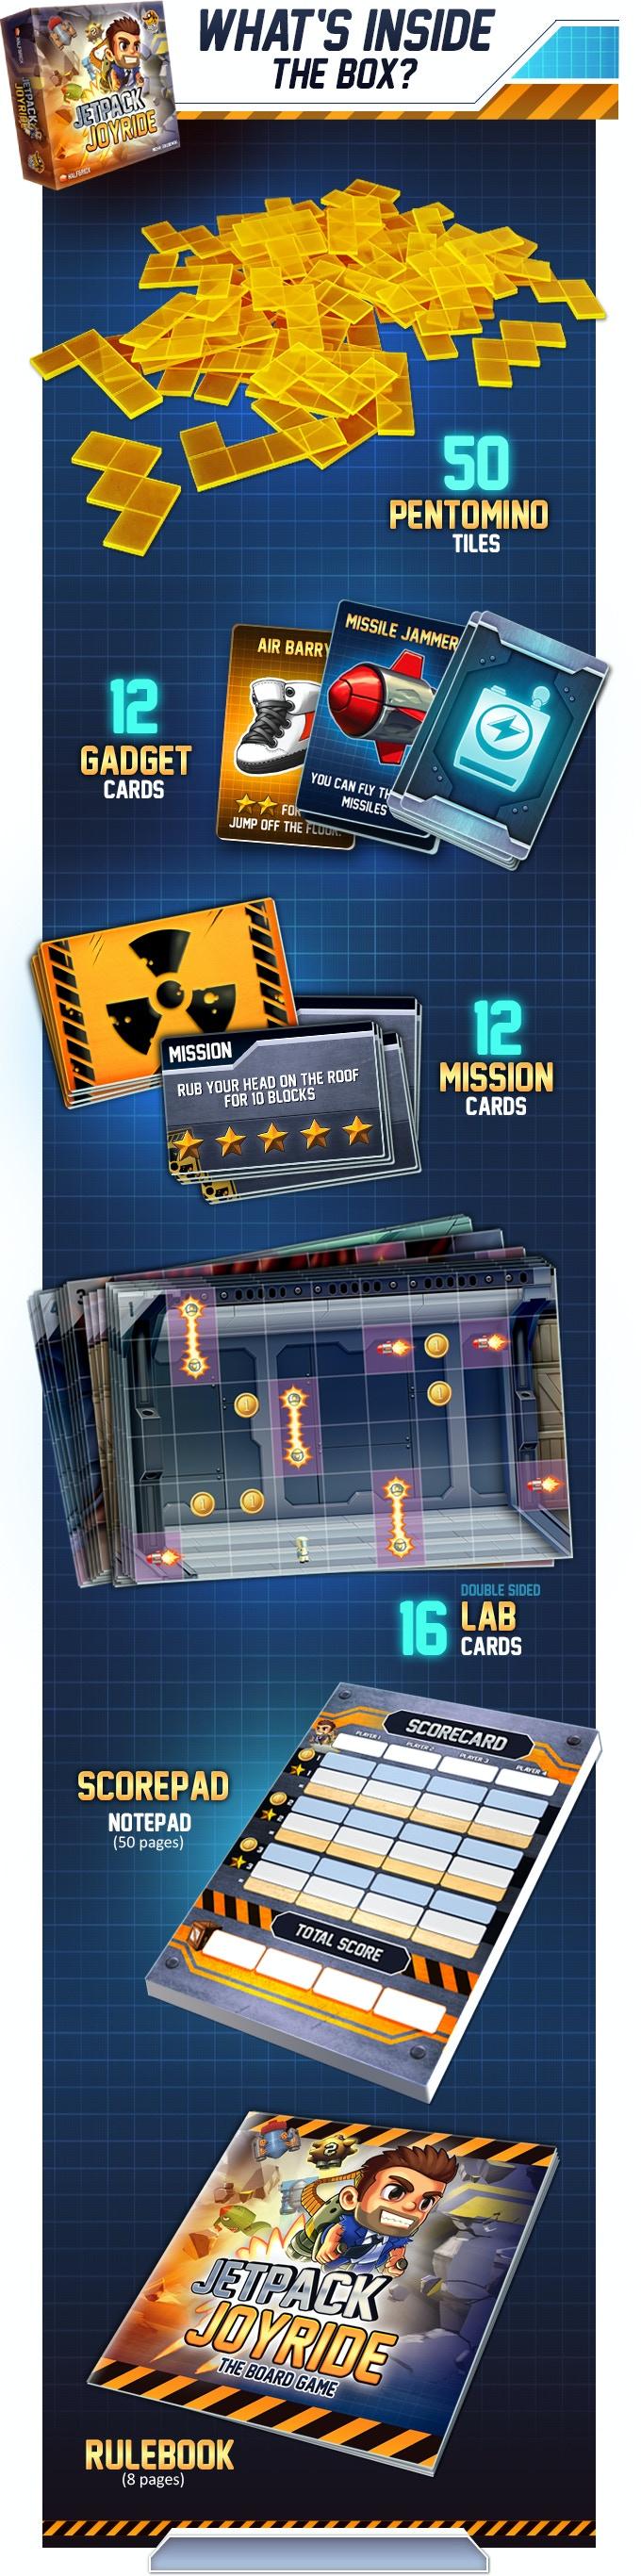 Jetpack Joyride by Lucky Duck Games — Kickstarter